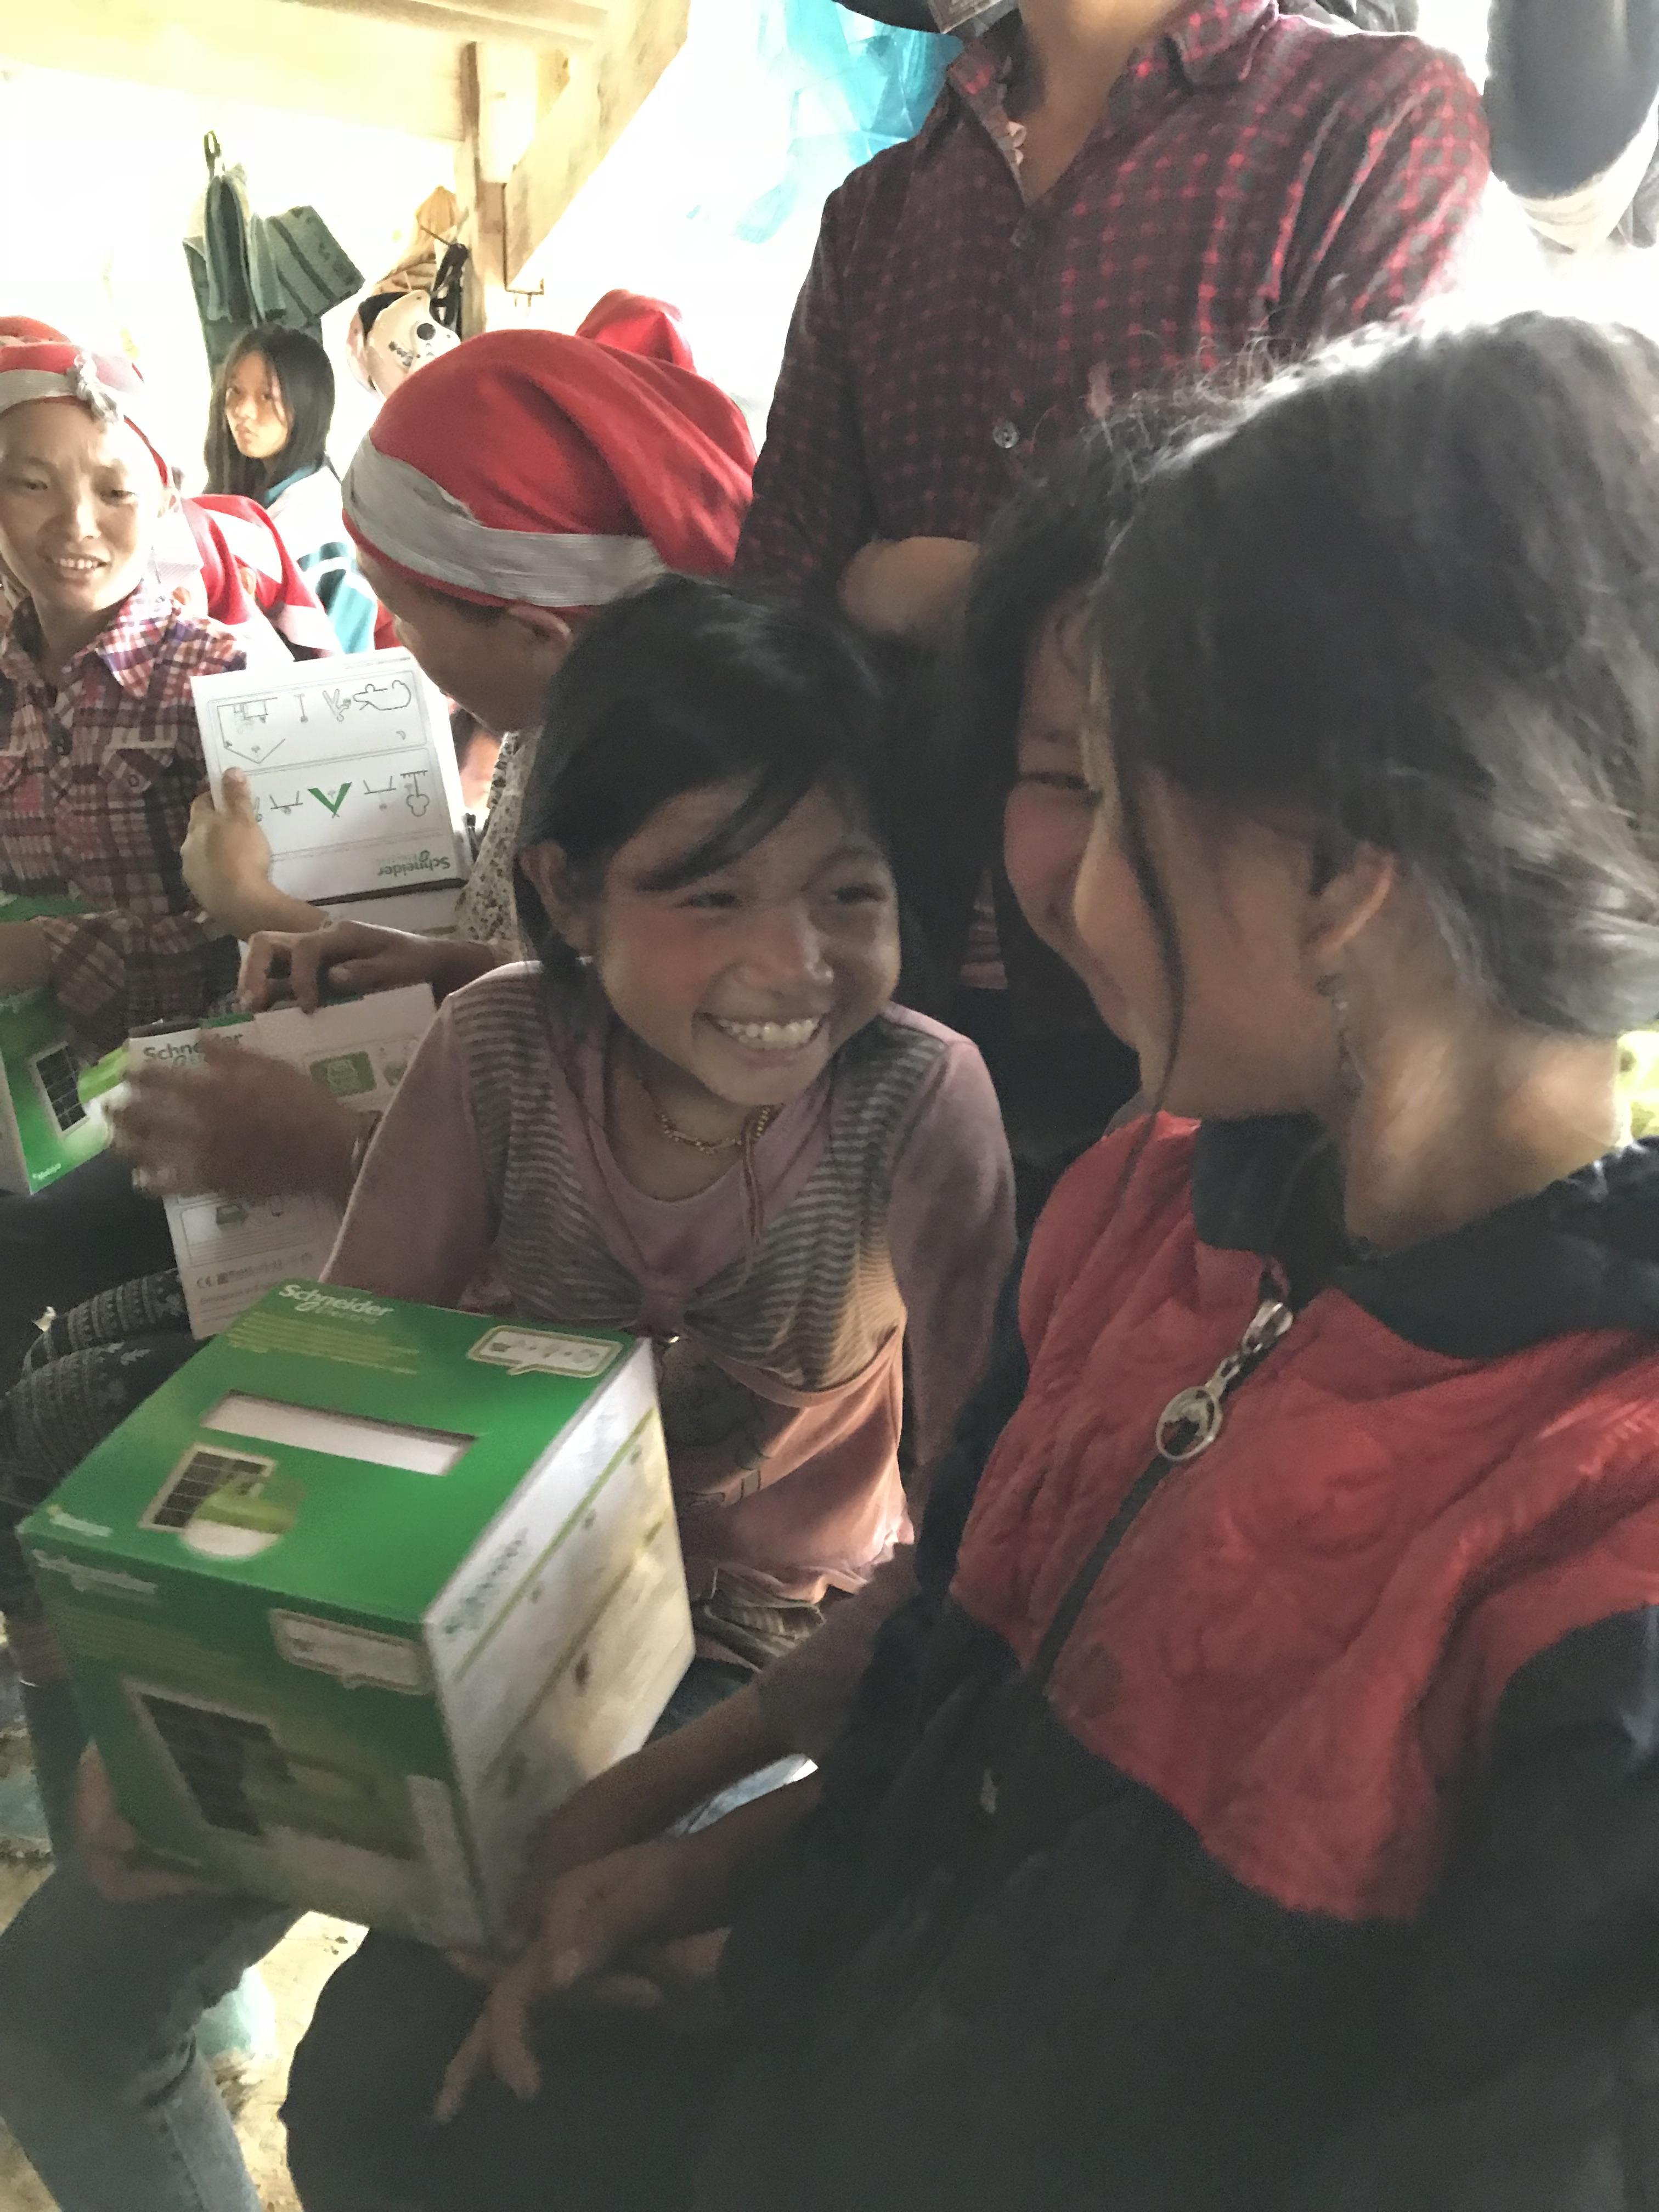 Amener l'électricité dans des villages du Vietnam grâce à l'arrondi sur salaire